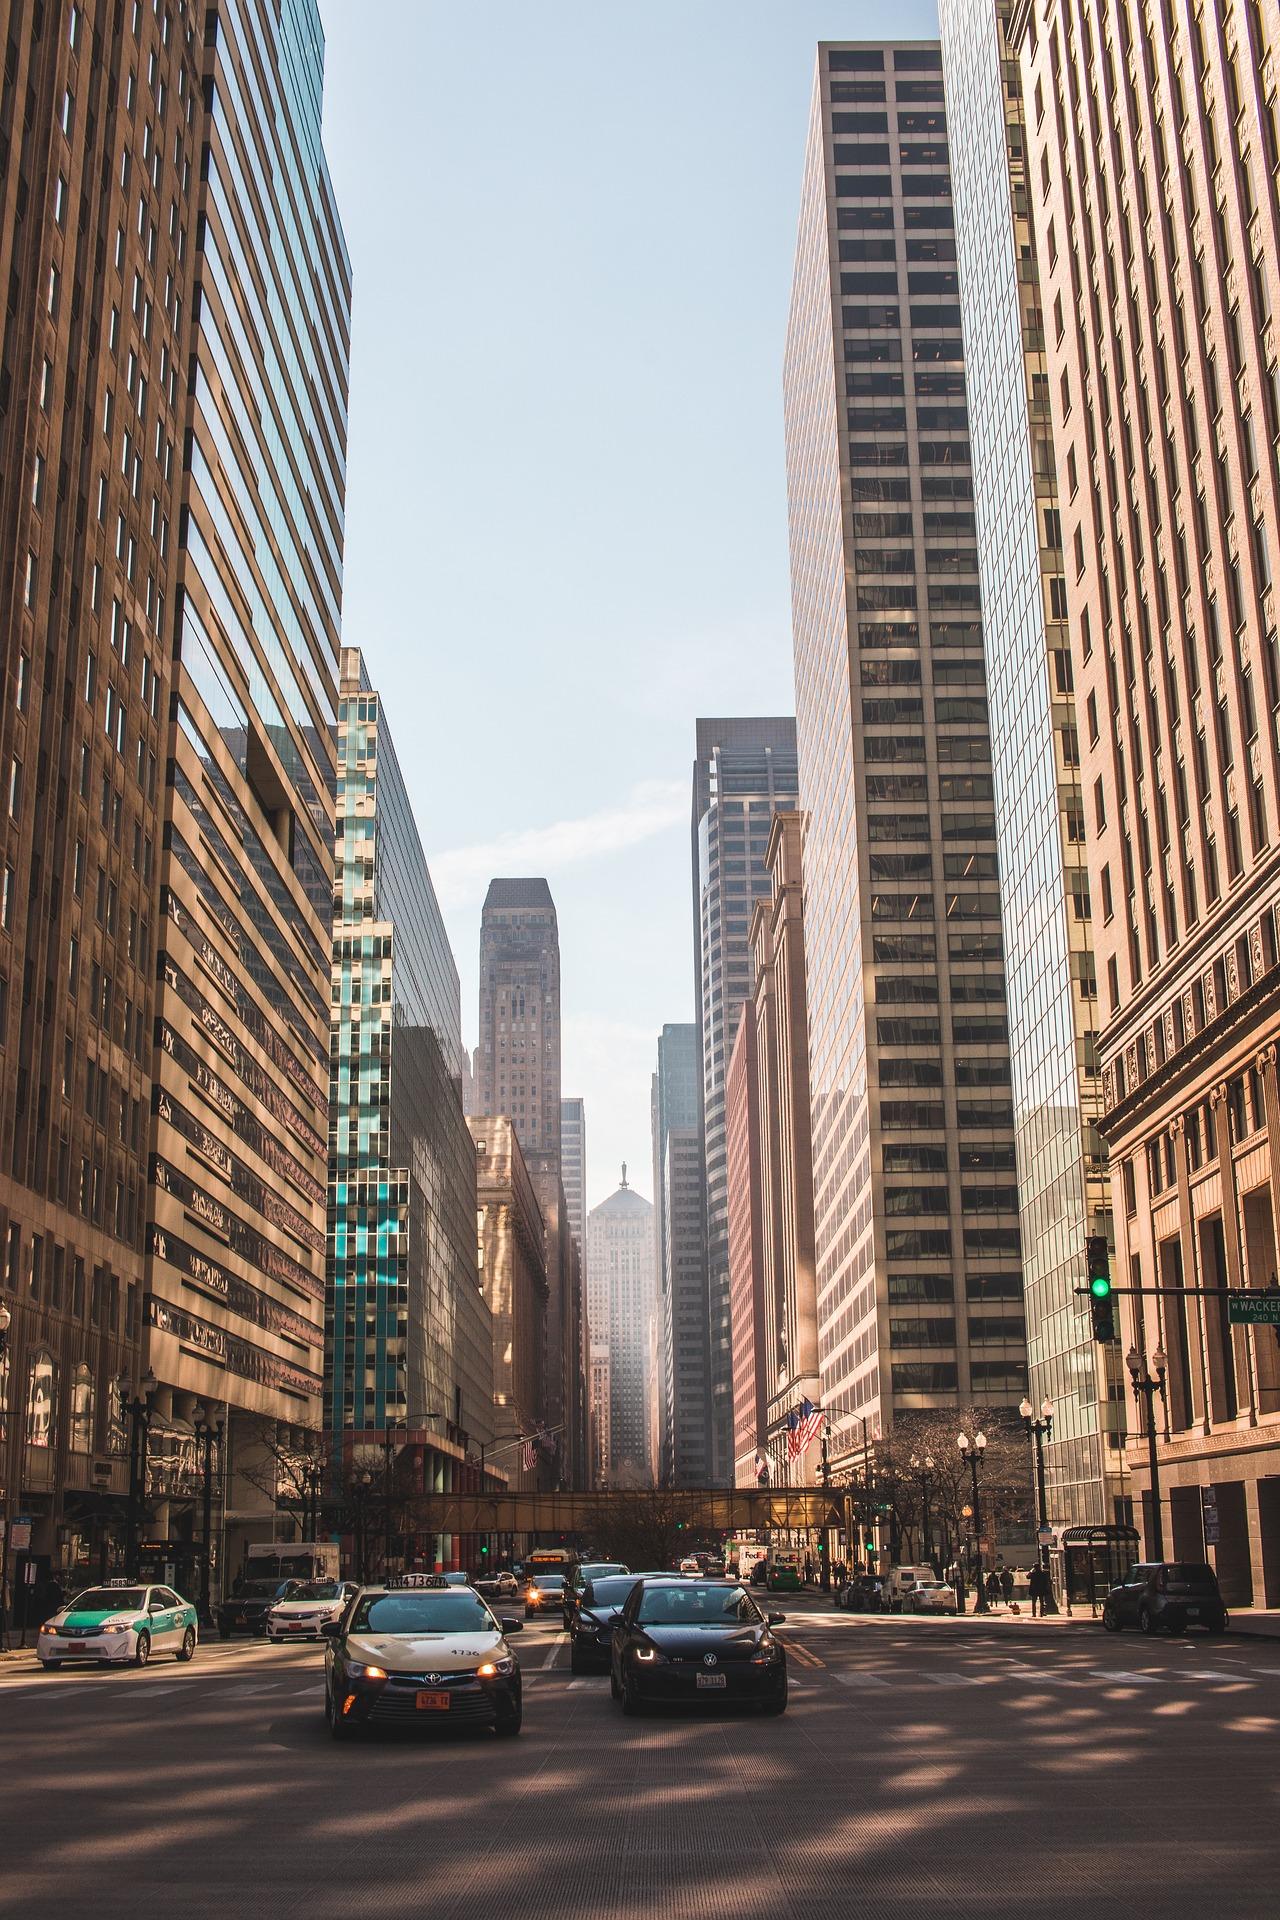 chicago-4140659_1920.jpg